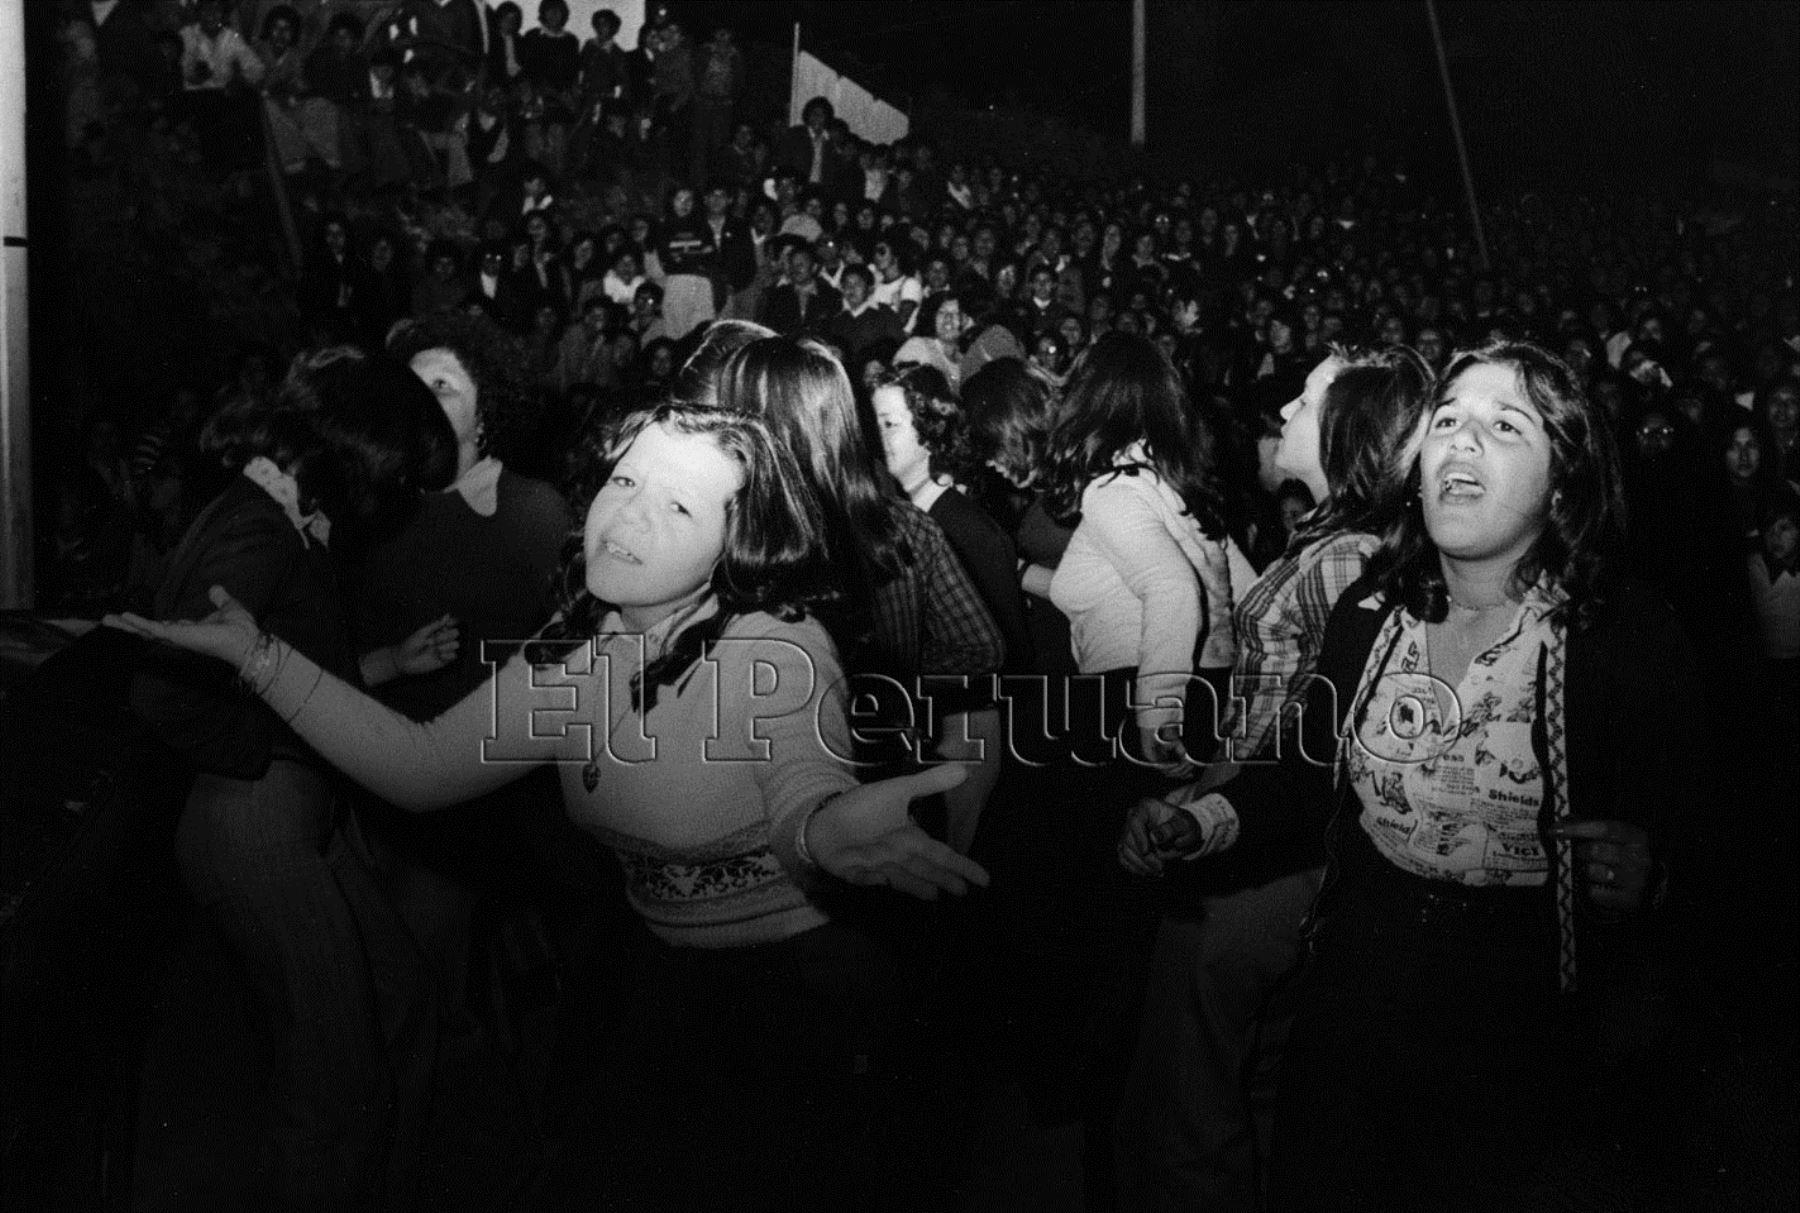 No solo fue Lavoe.  Celia Cruz, Charly García y los grupos argentinos de rock en castellano también se hicieron presentes. Foto: Archivo Histórico El Peruano